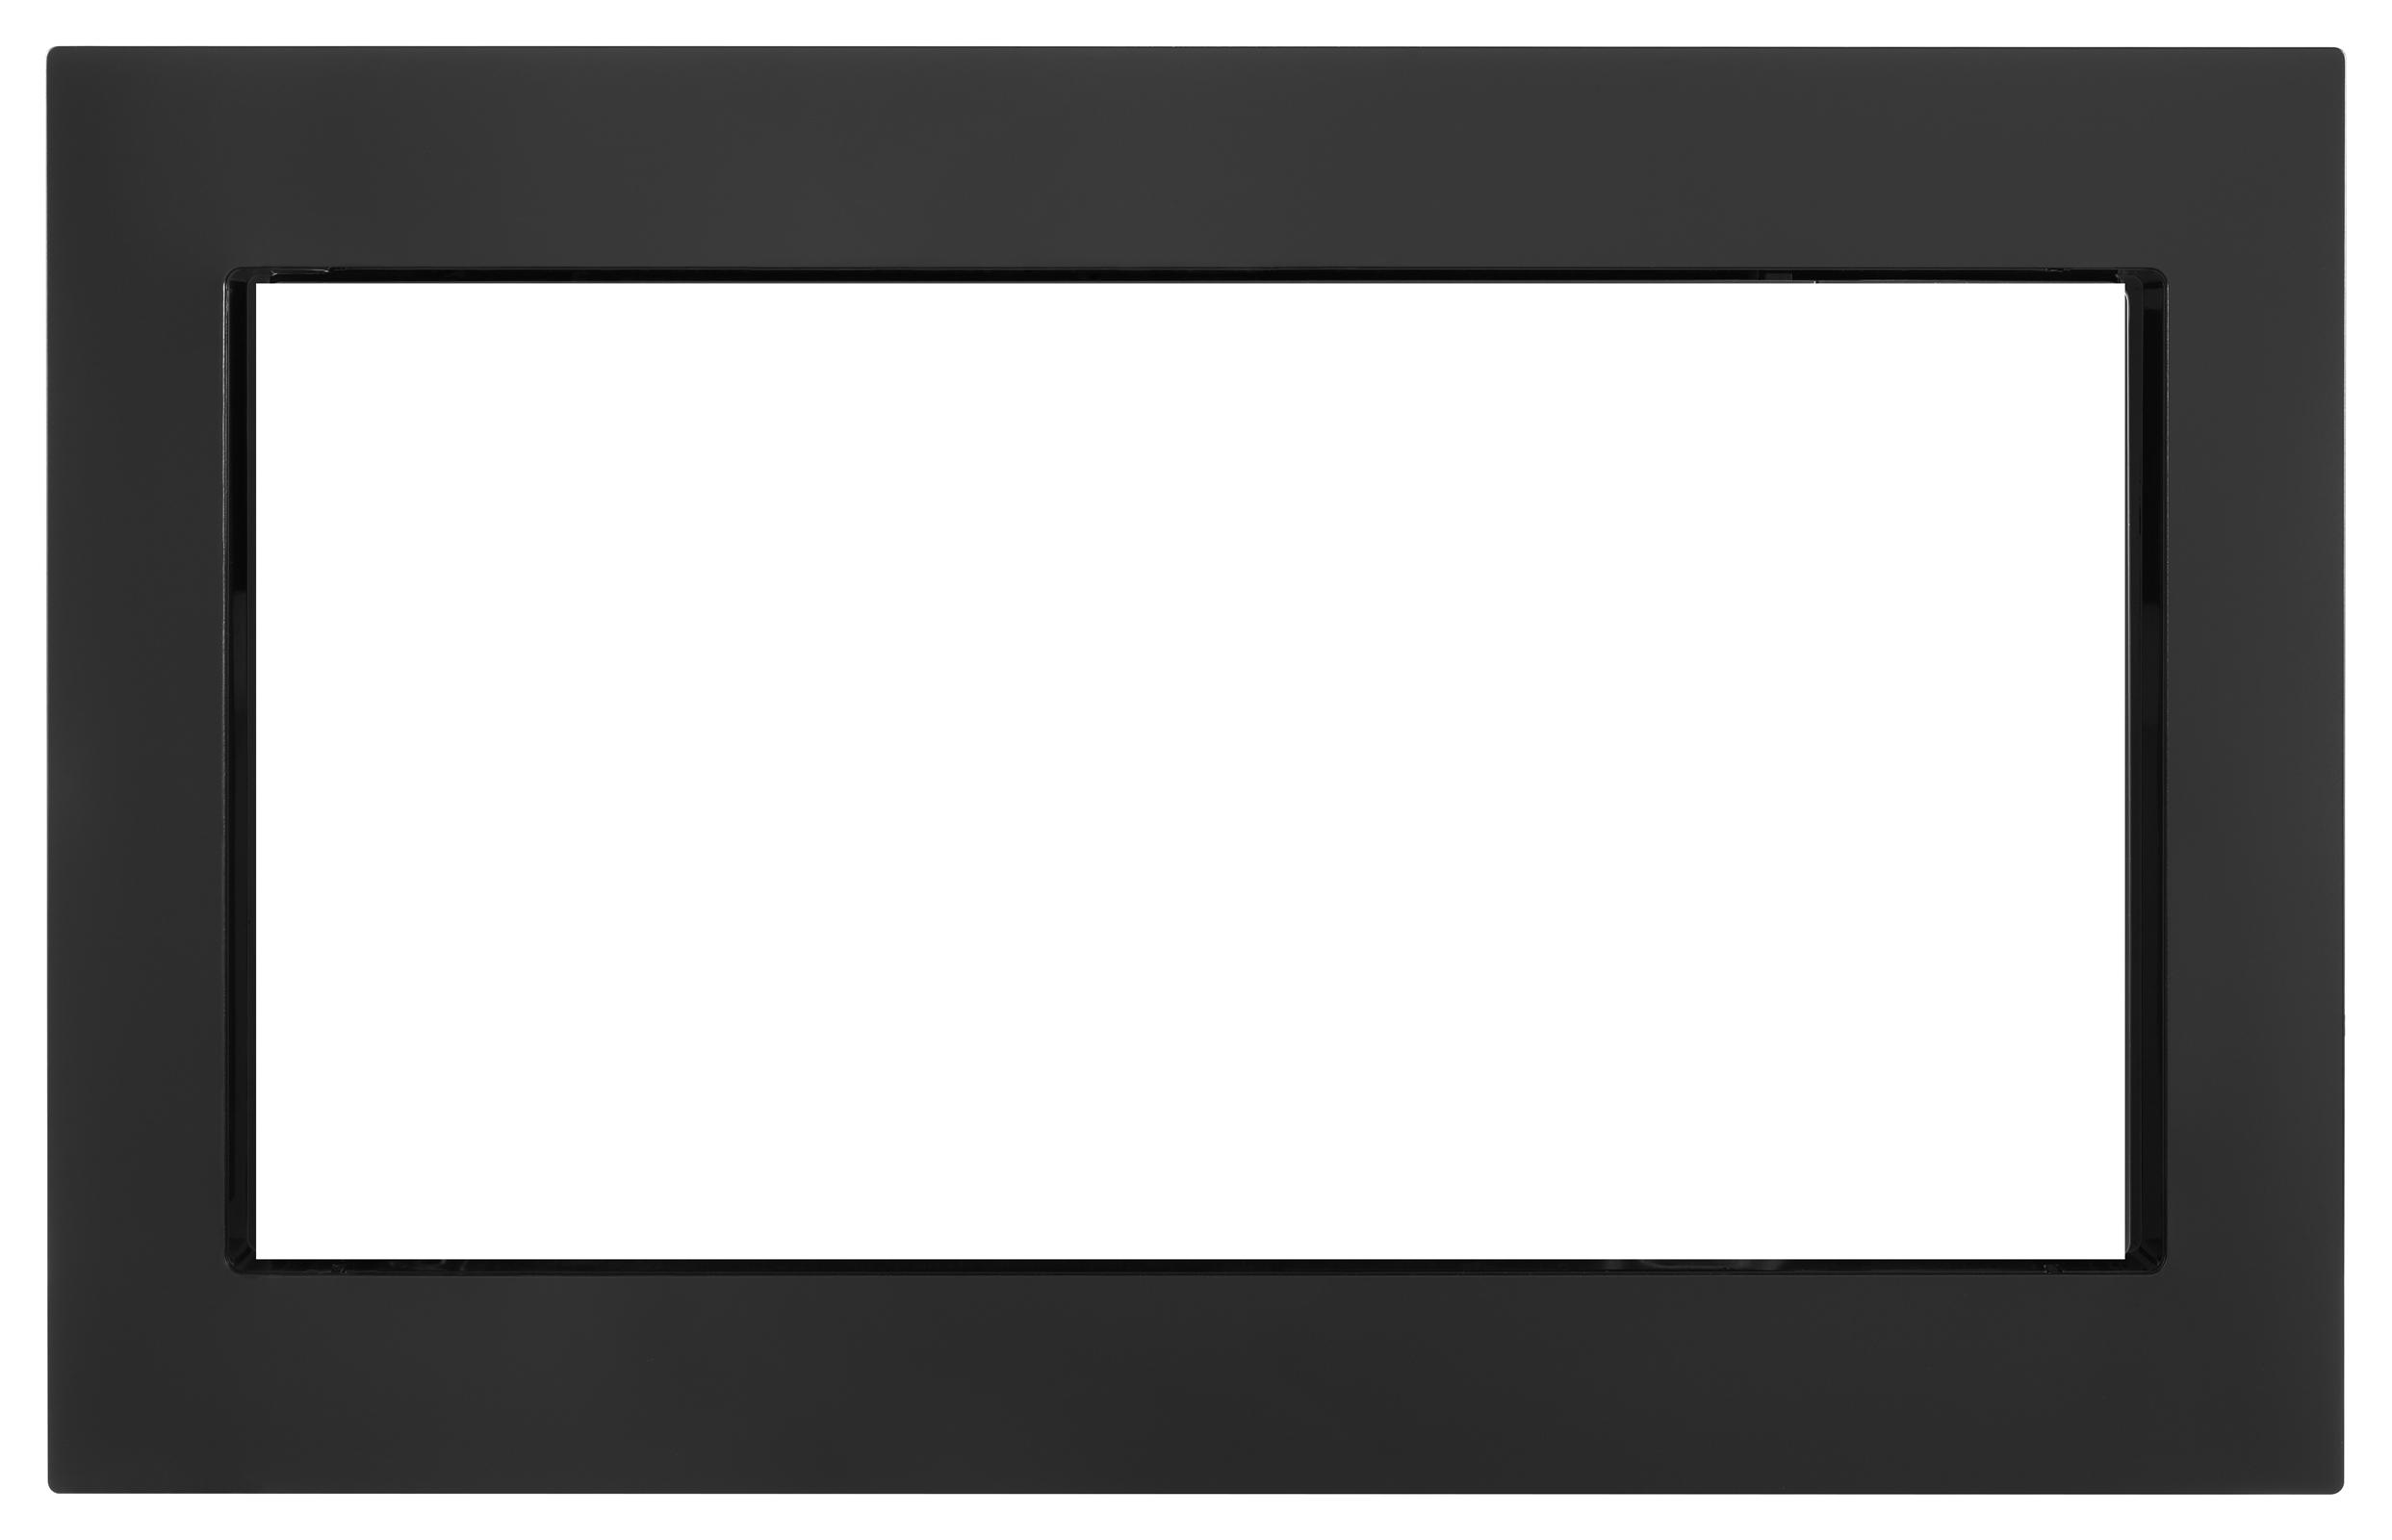 """Whirlpool 30"""" Trim Kit for 2.2 cu. ft. Microwave - Black PartNumber: 02043229000P KsnValue: 02043229000 MfgPartNumber: MK2220AB"""